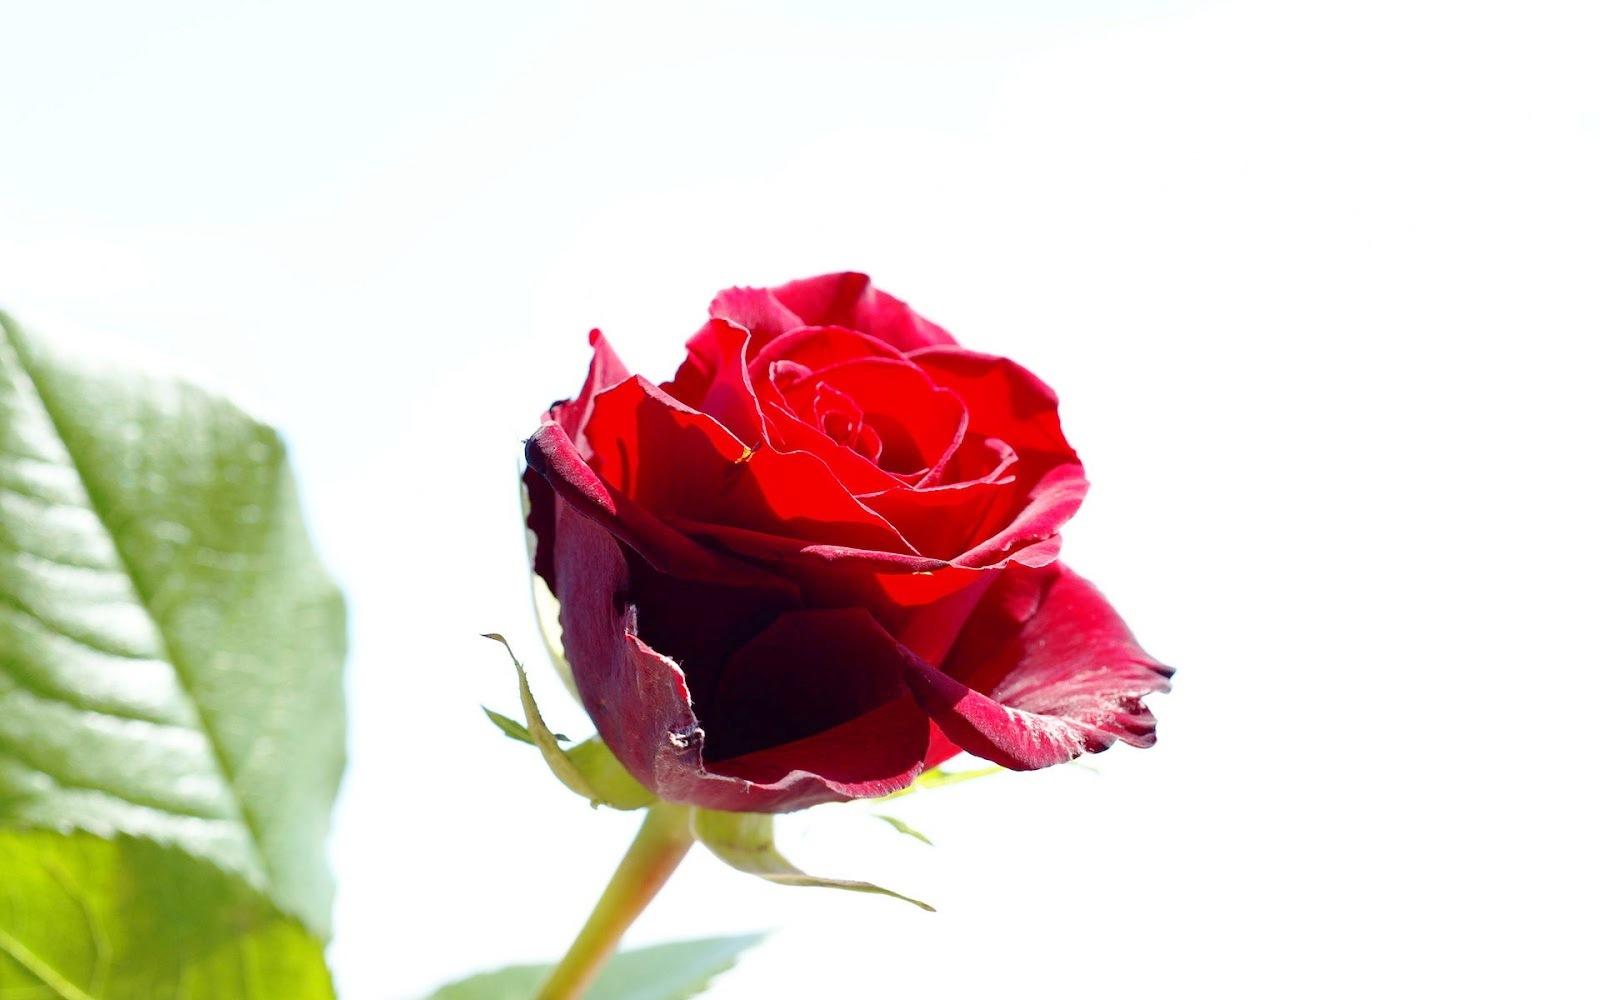 Koleksi Gambar Bunga Mawar Terindah Yang Belum Ada Ketahui Hewan